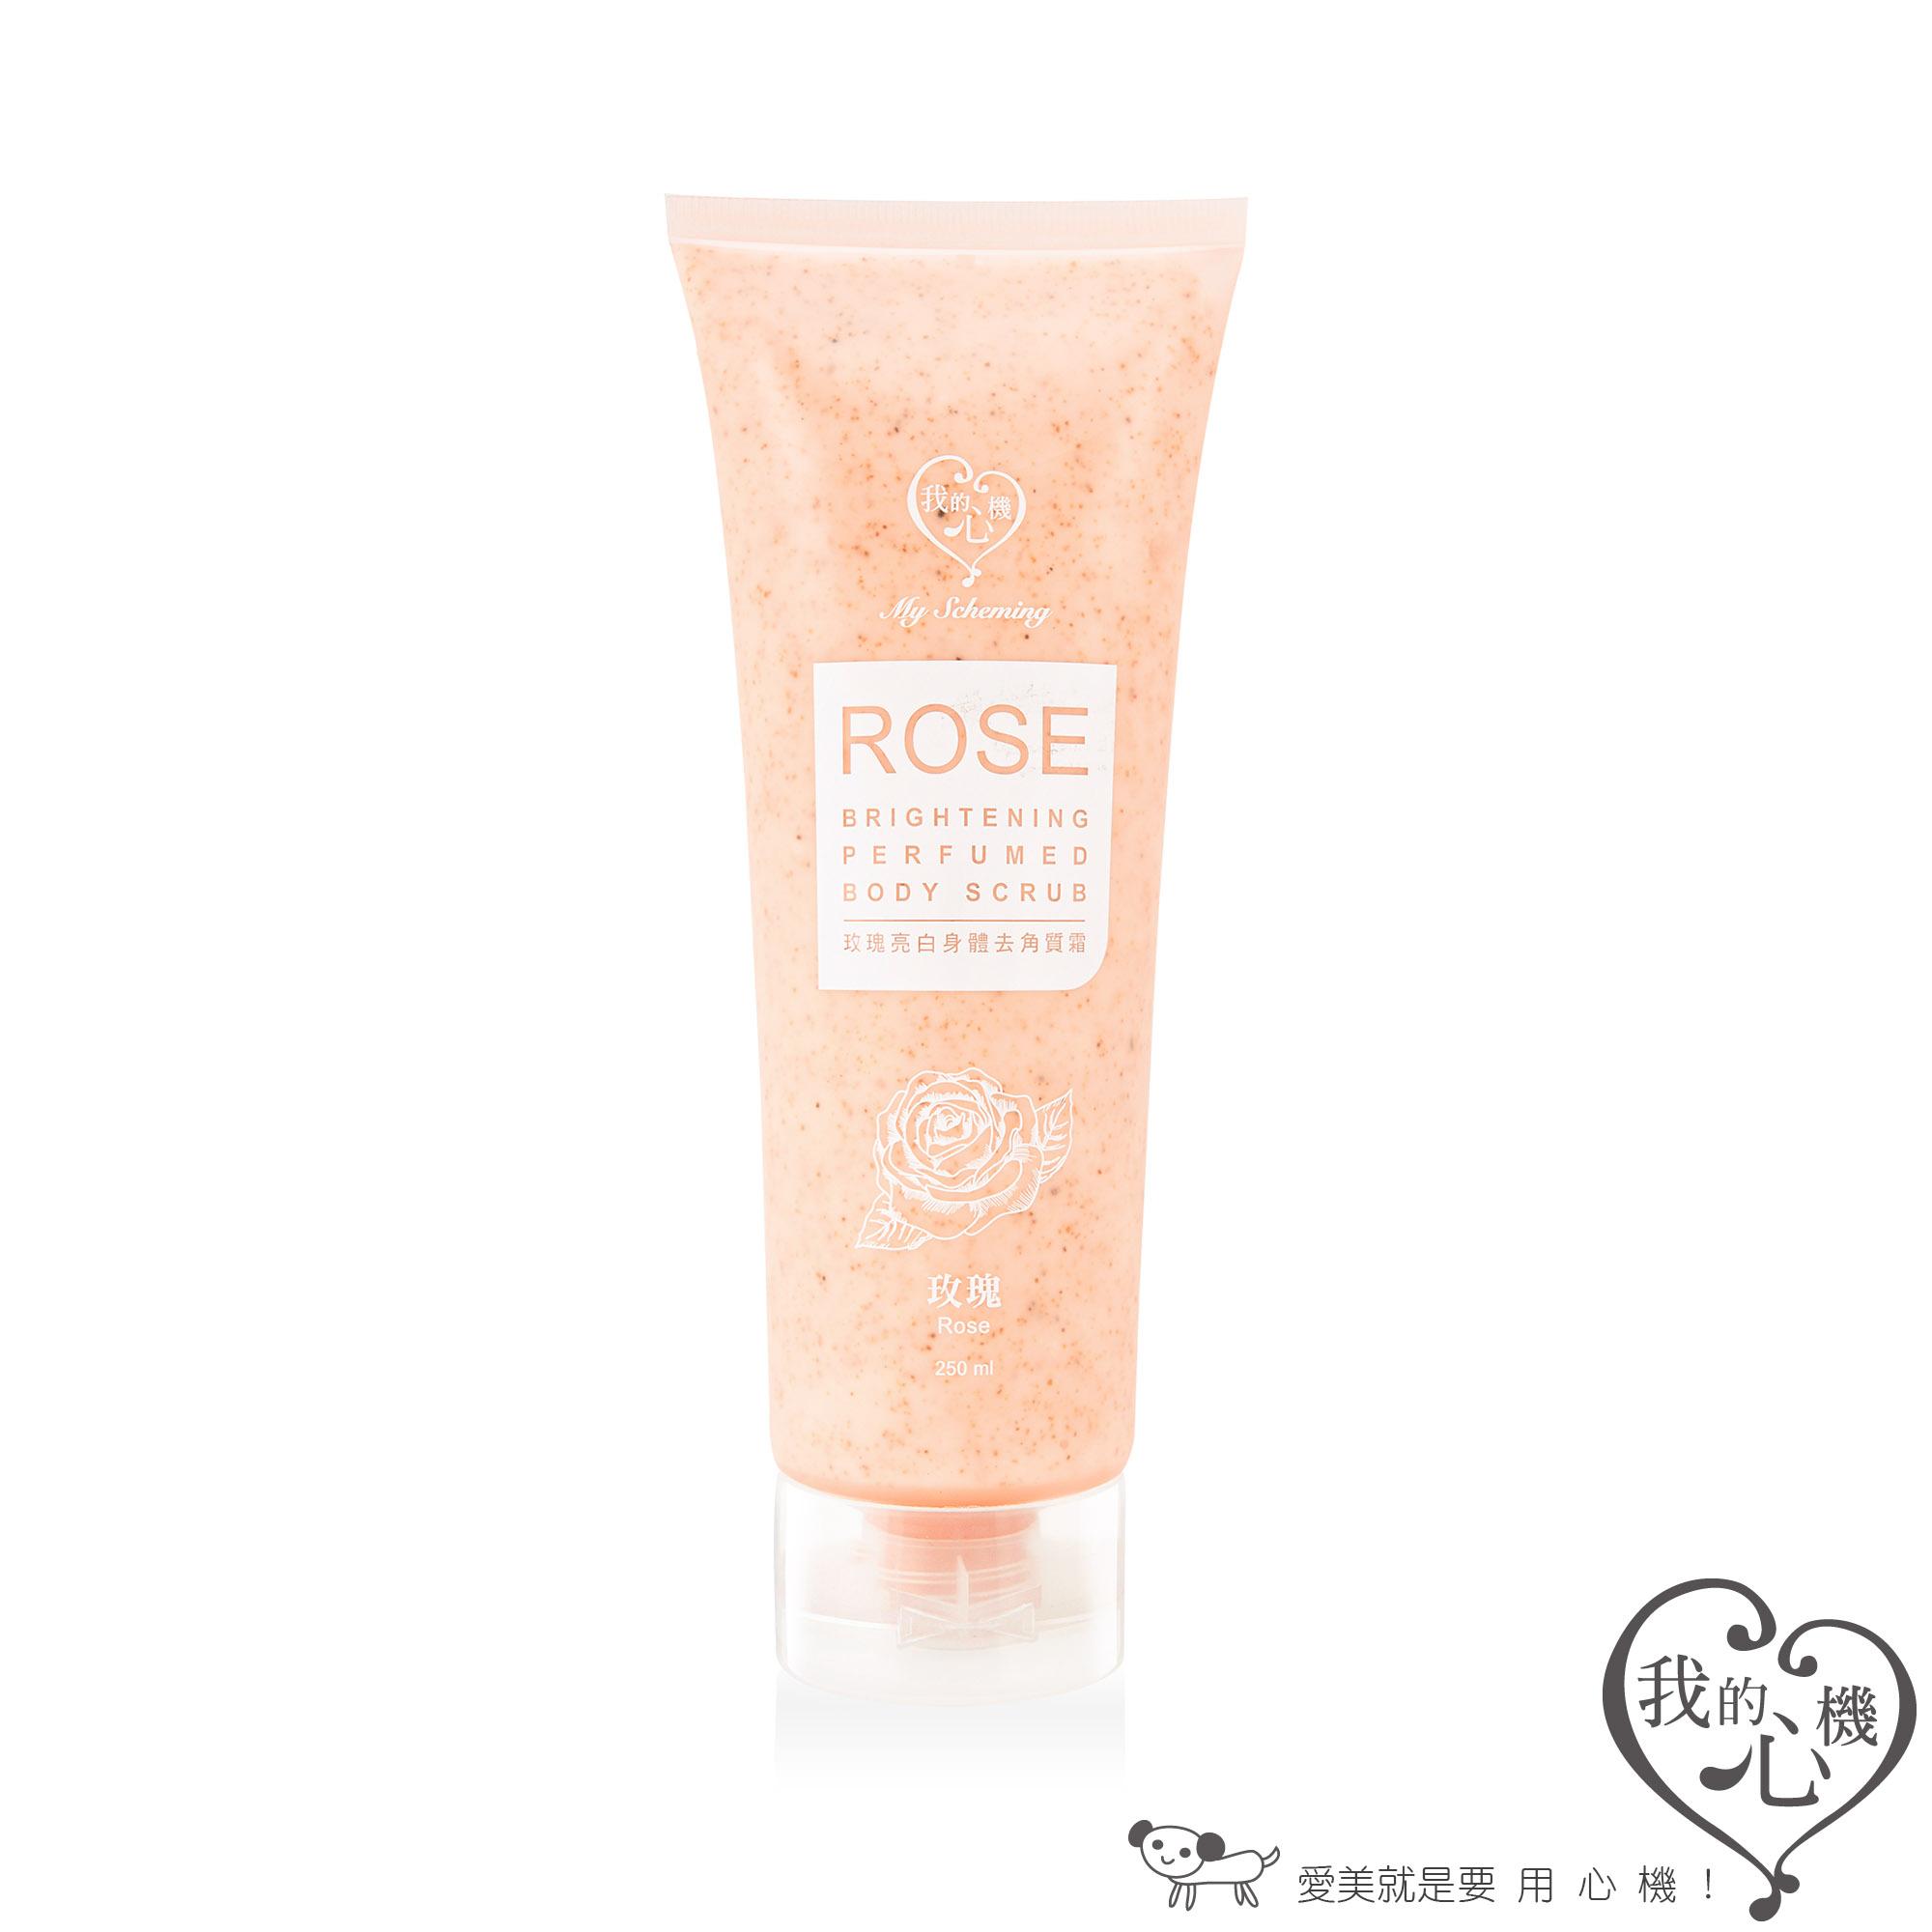 【我的心機】玫瑰亮白身體去角質霜250ml